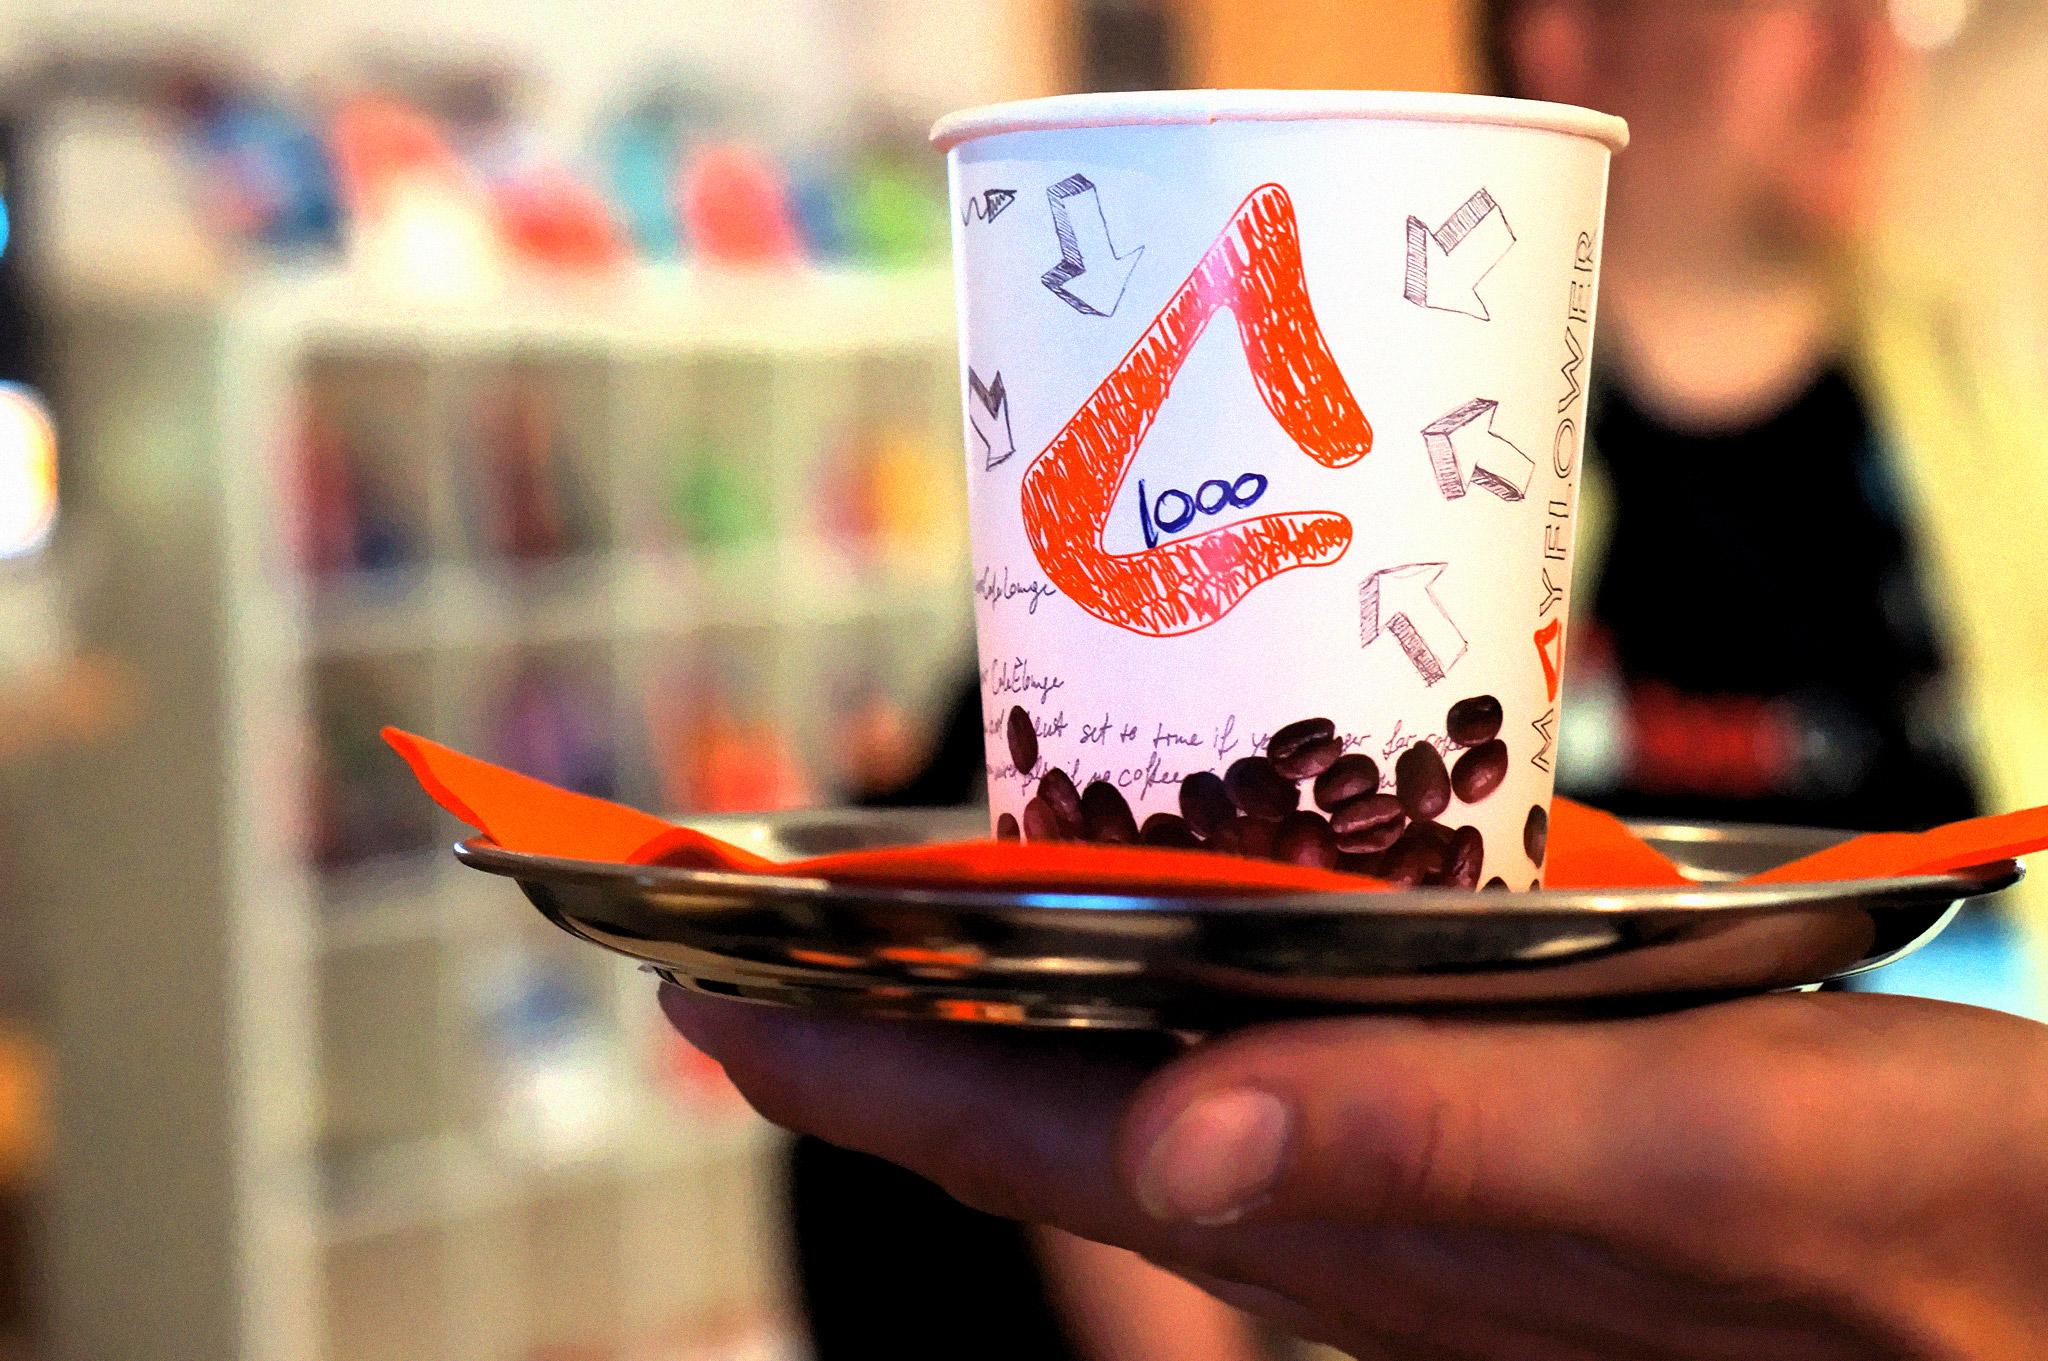 Foto vom Kaffee, Nummer 1000